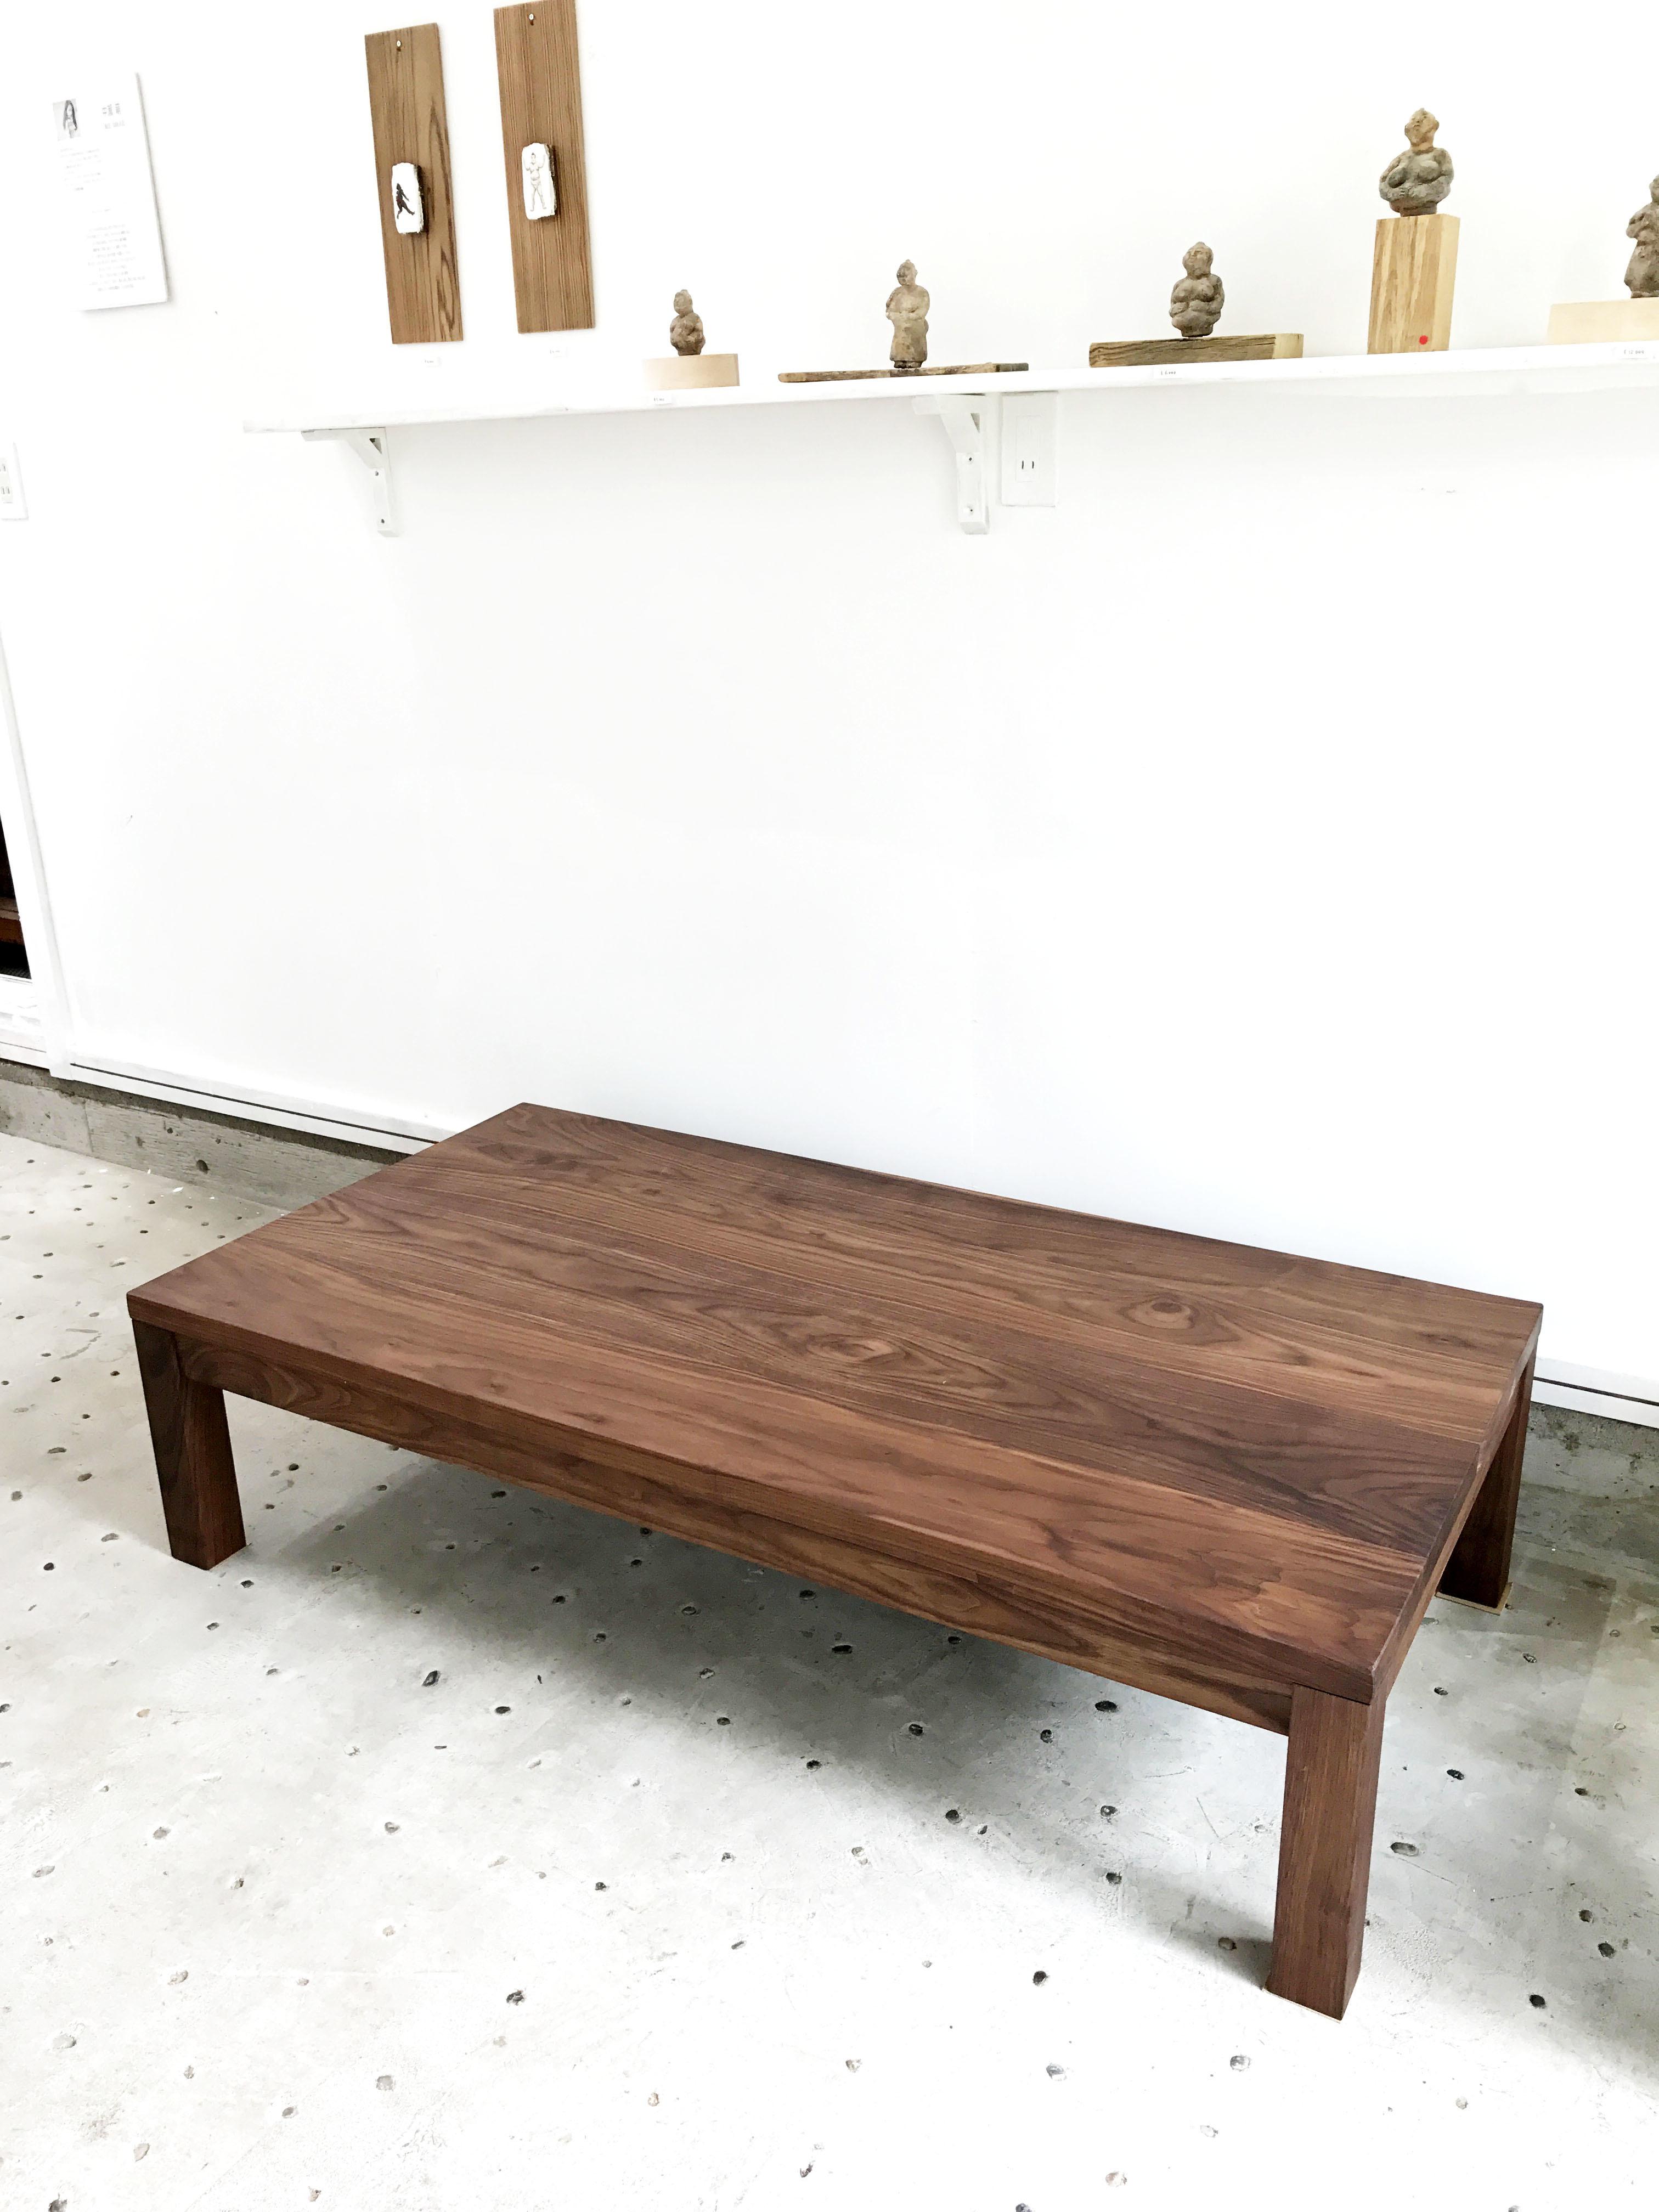 那須高原 じざい工房 小林康文の素材を活かす家具づくり座卓炬燵